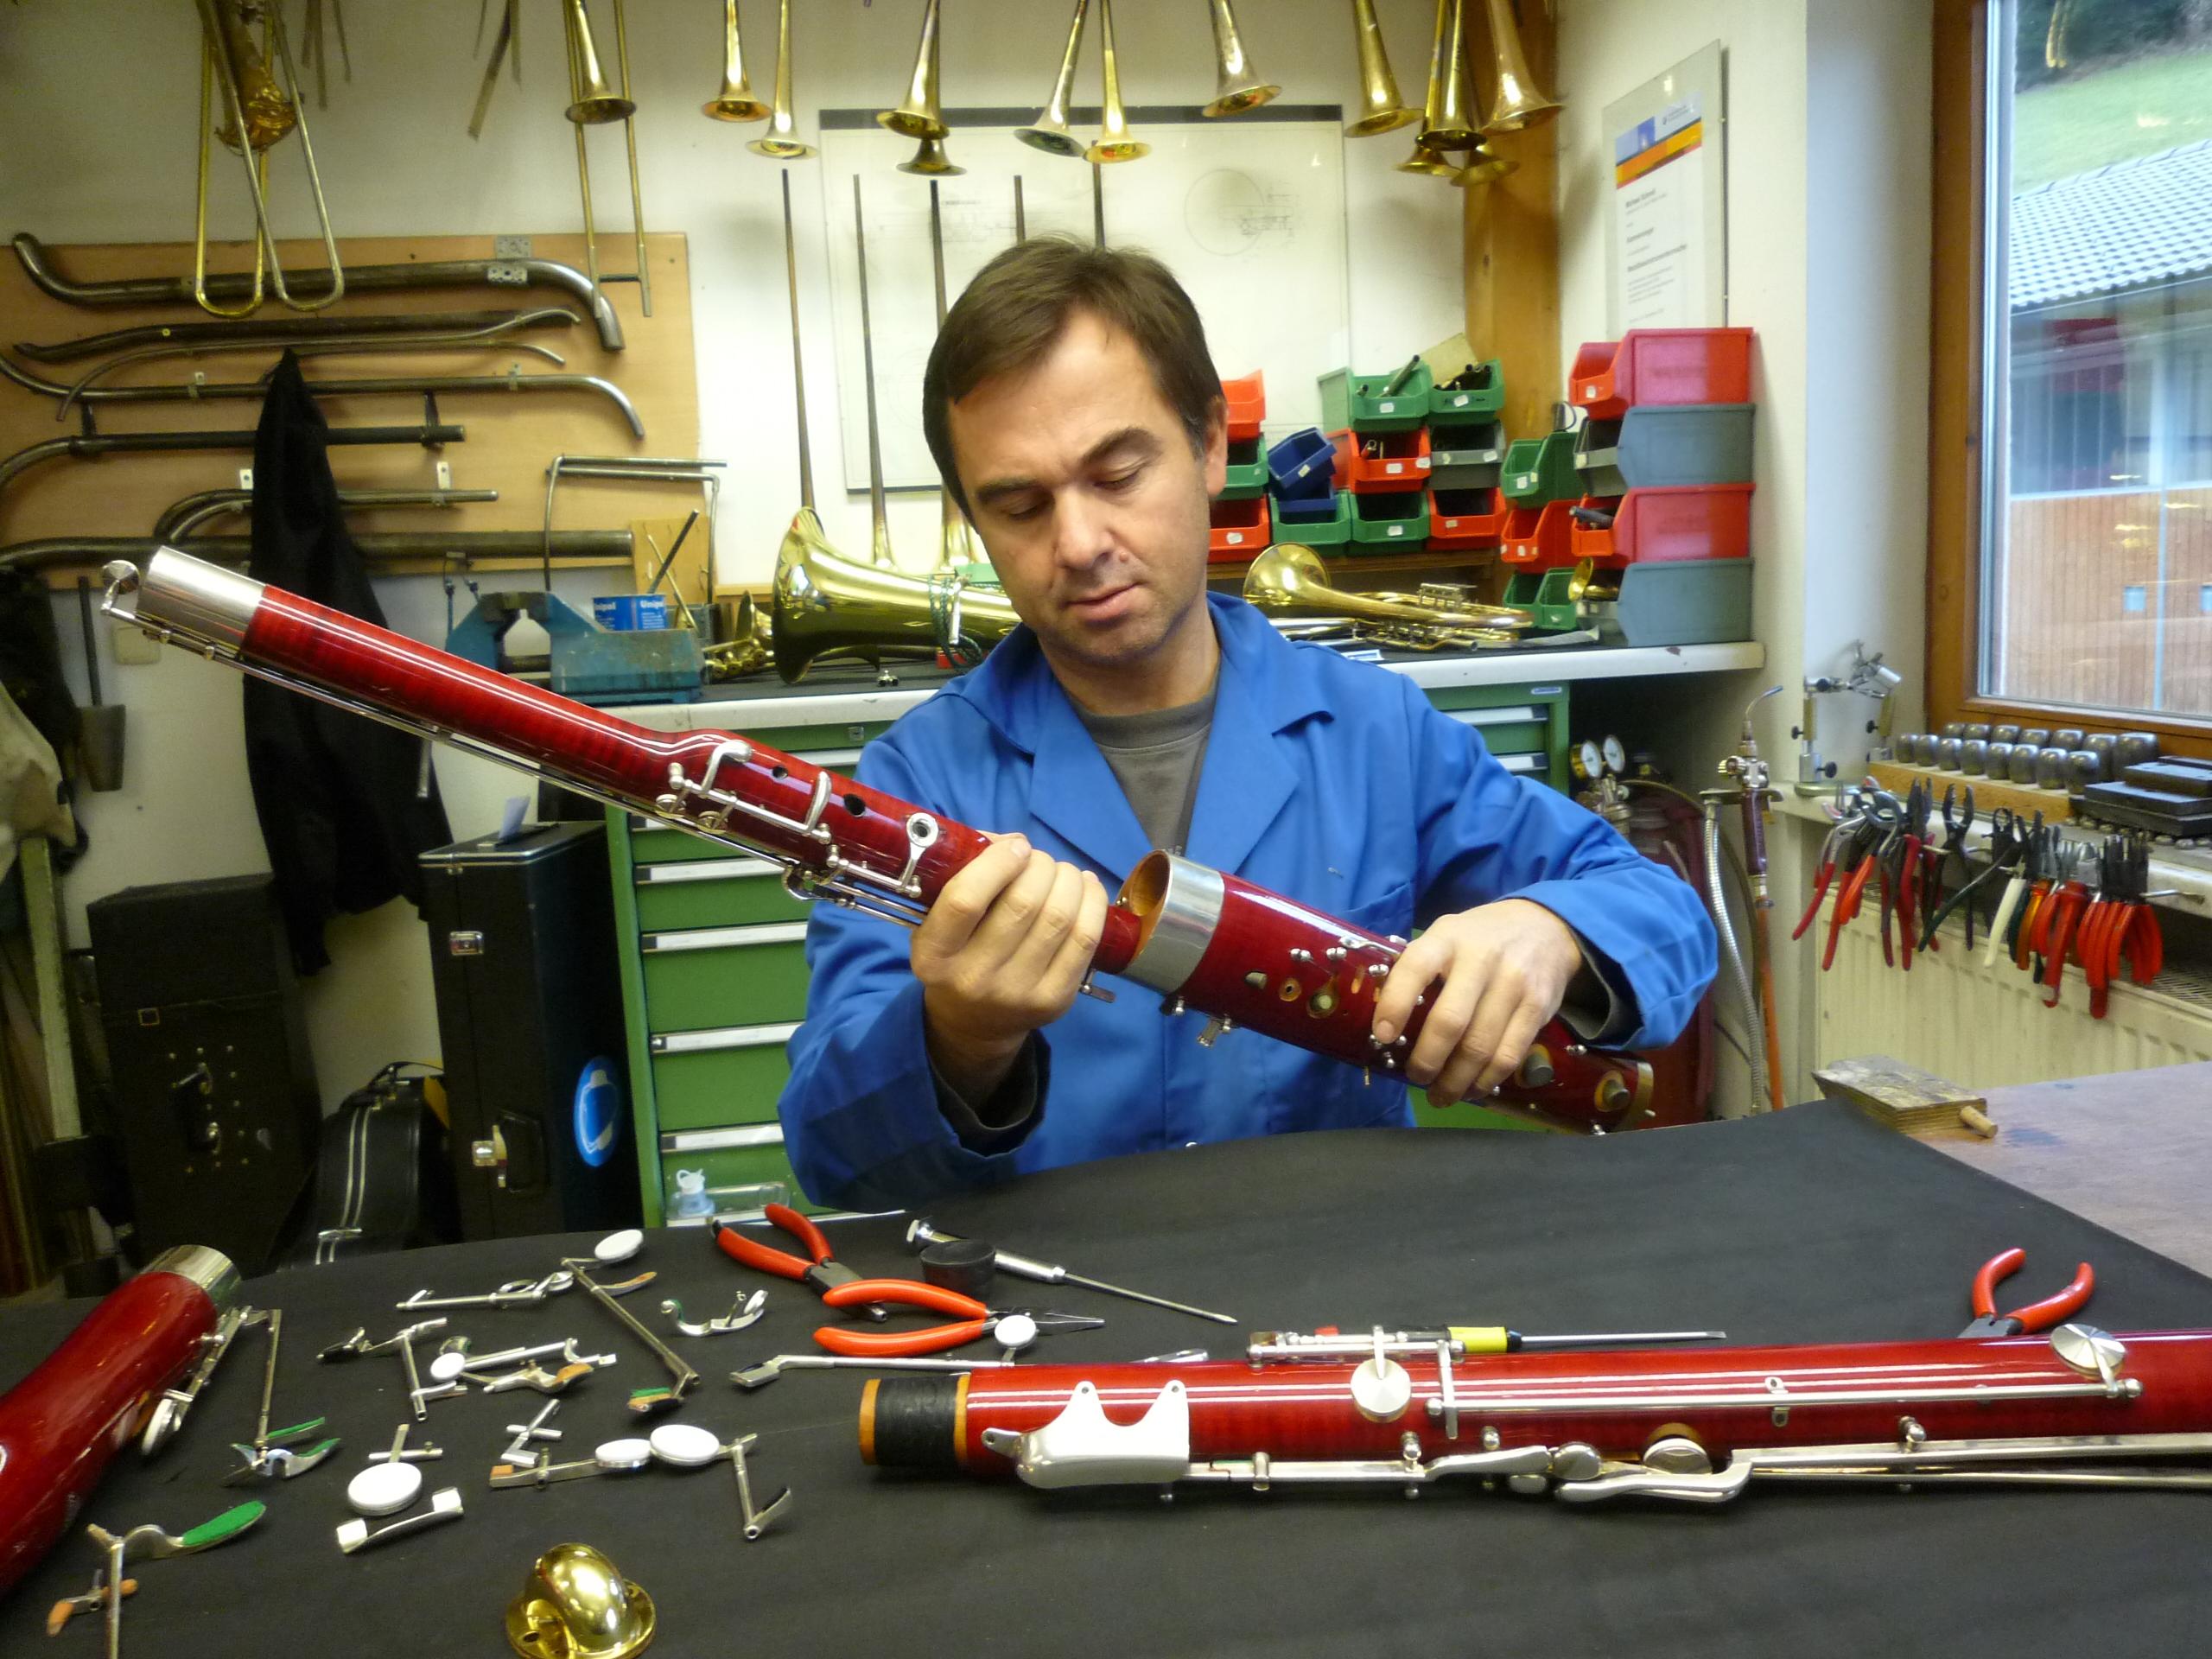 Toni LienbacherBetriebsinhaber, zuständig für alle anfallenden Arbeiten in der Werkstatt, ob kleine Reparaturen, Generalüberholungen, Instrumentenbau, Verkauf , ......jeder Vorfall geht durch seine Hände